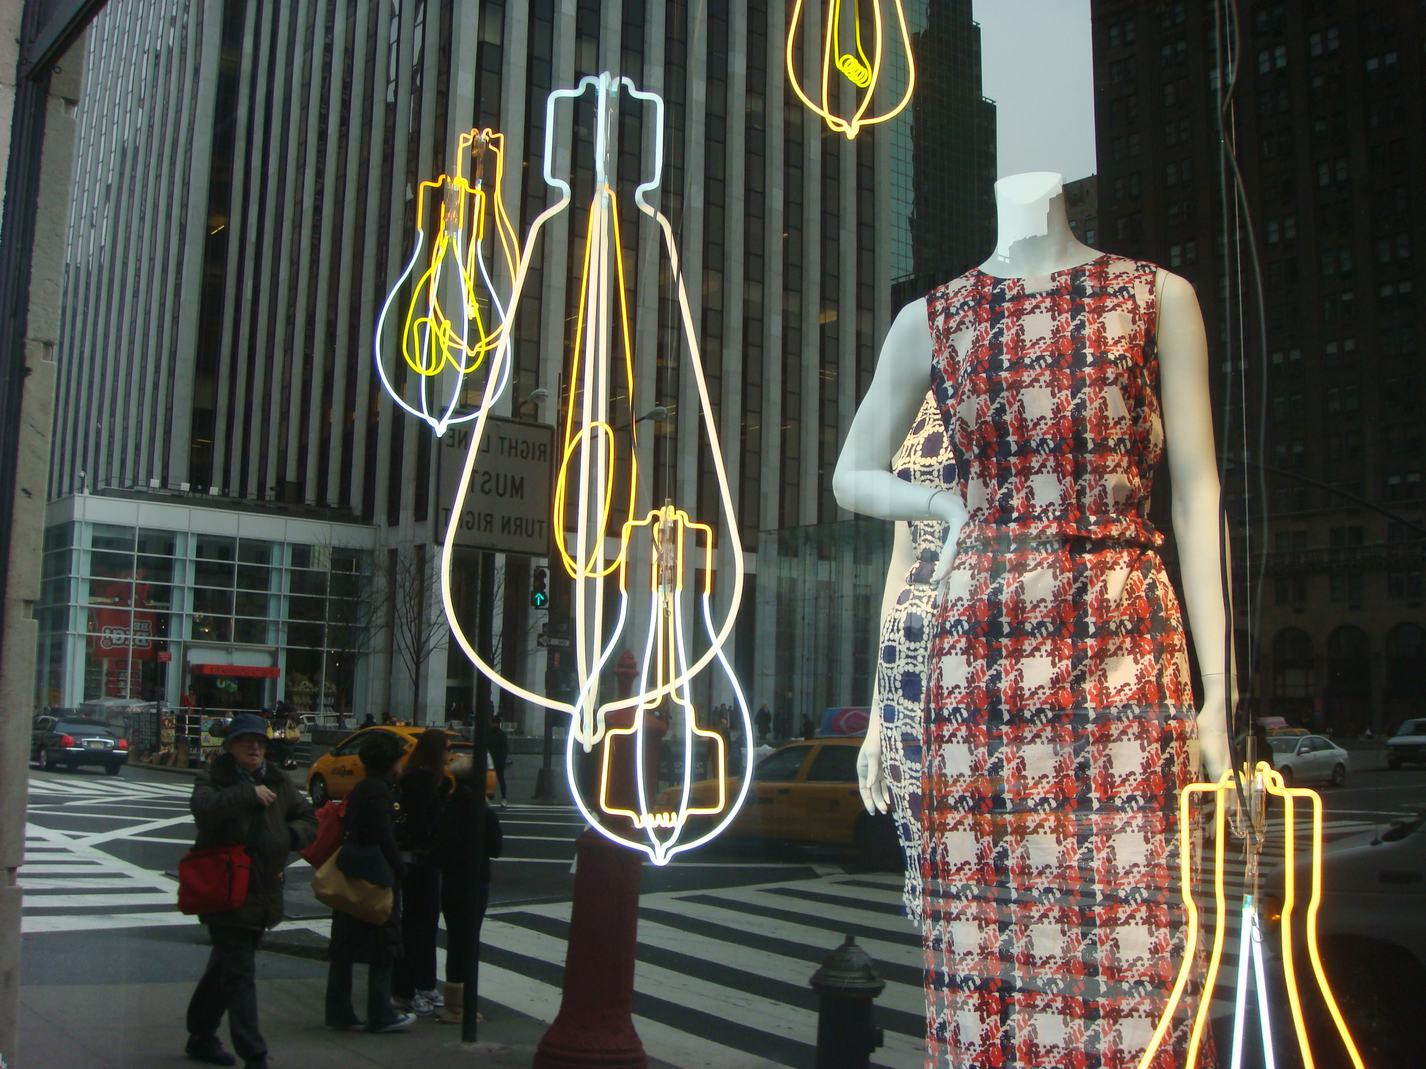 ニューヨークの街の中の散歩、_d0100880_23131746.jpg